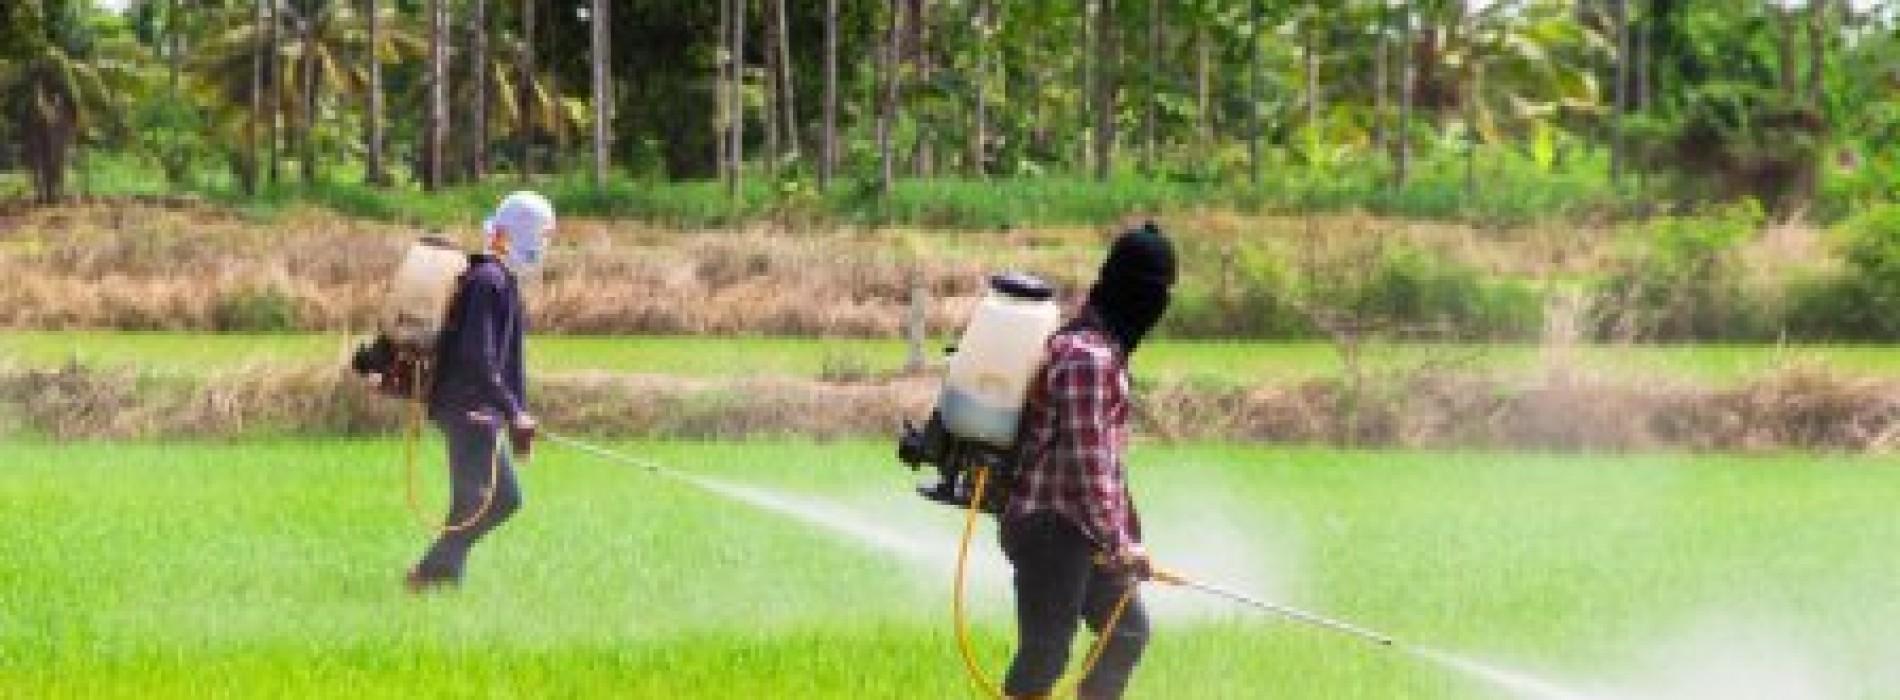 Reps investigates DDT efficacy for  malaria eradication